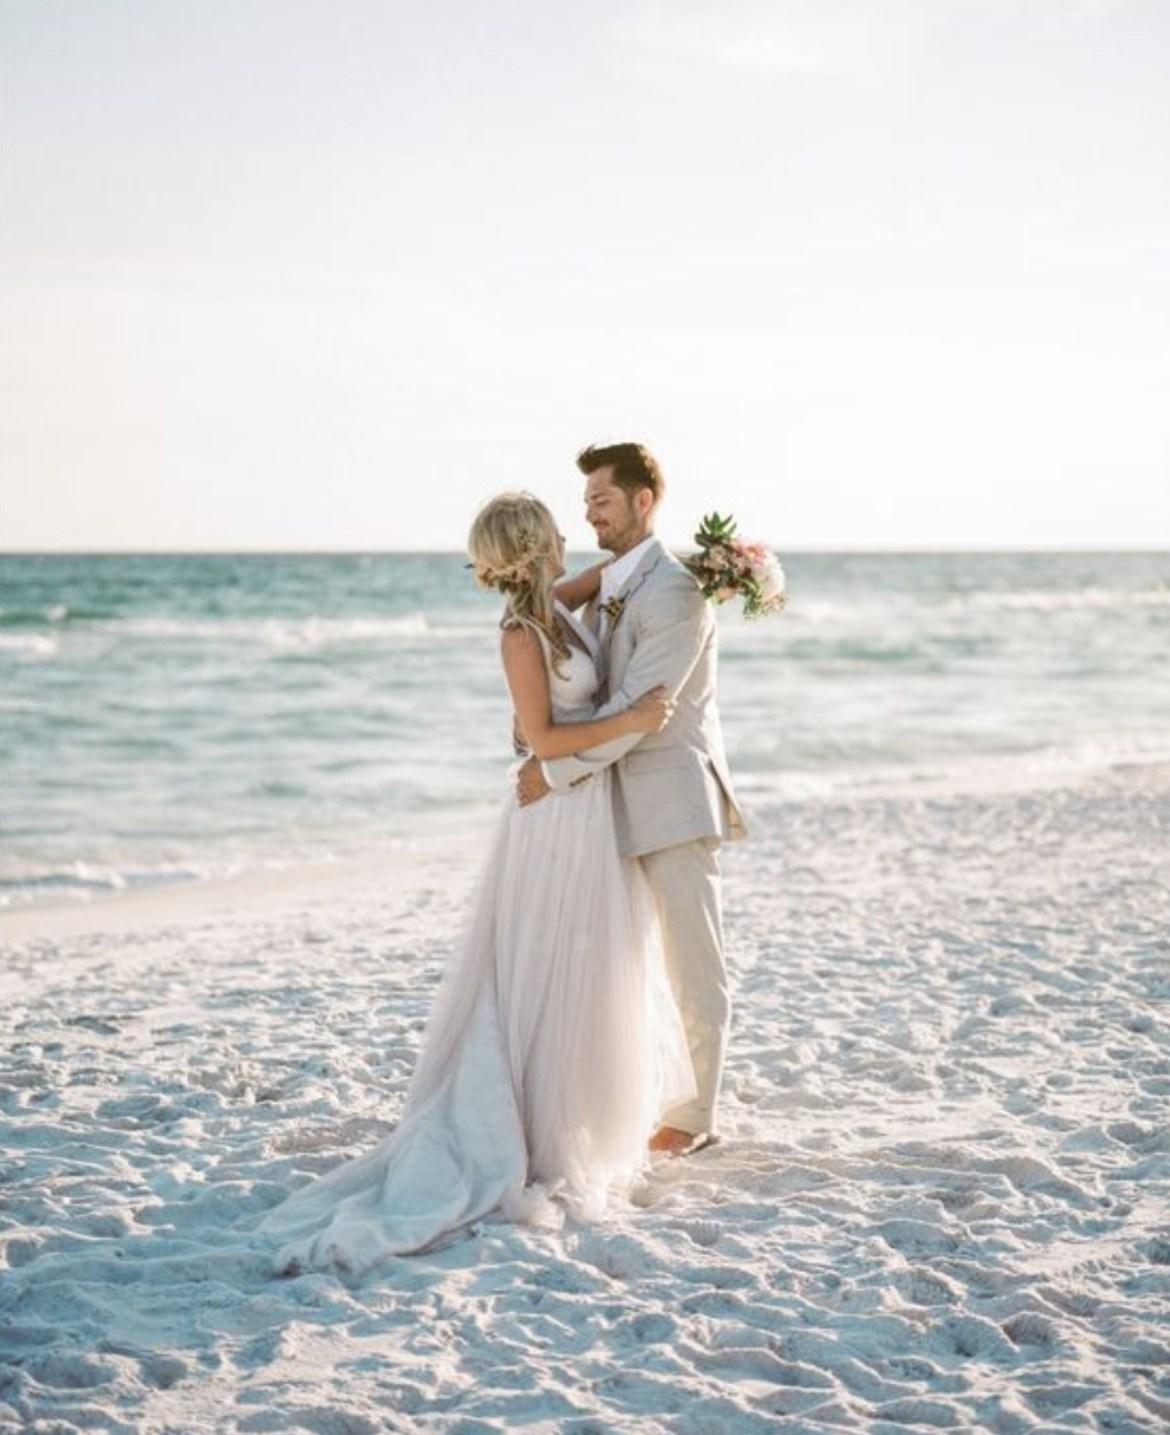 Memilih Pantai Sebagai Tempat Pernikahan